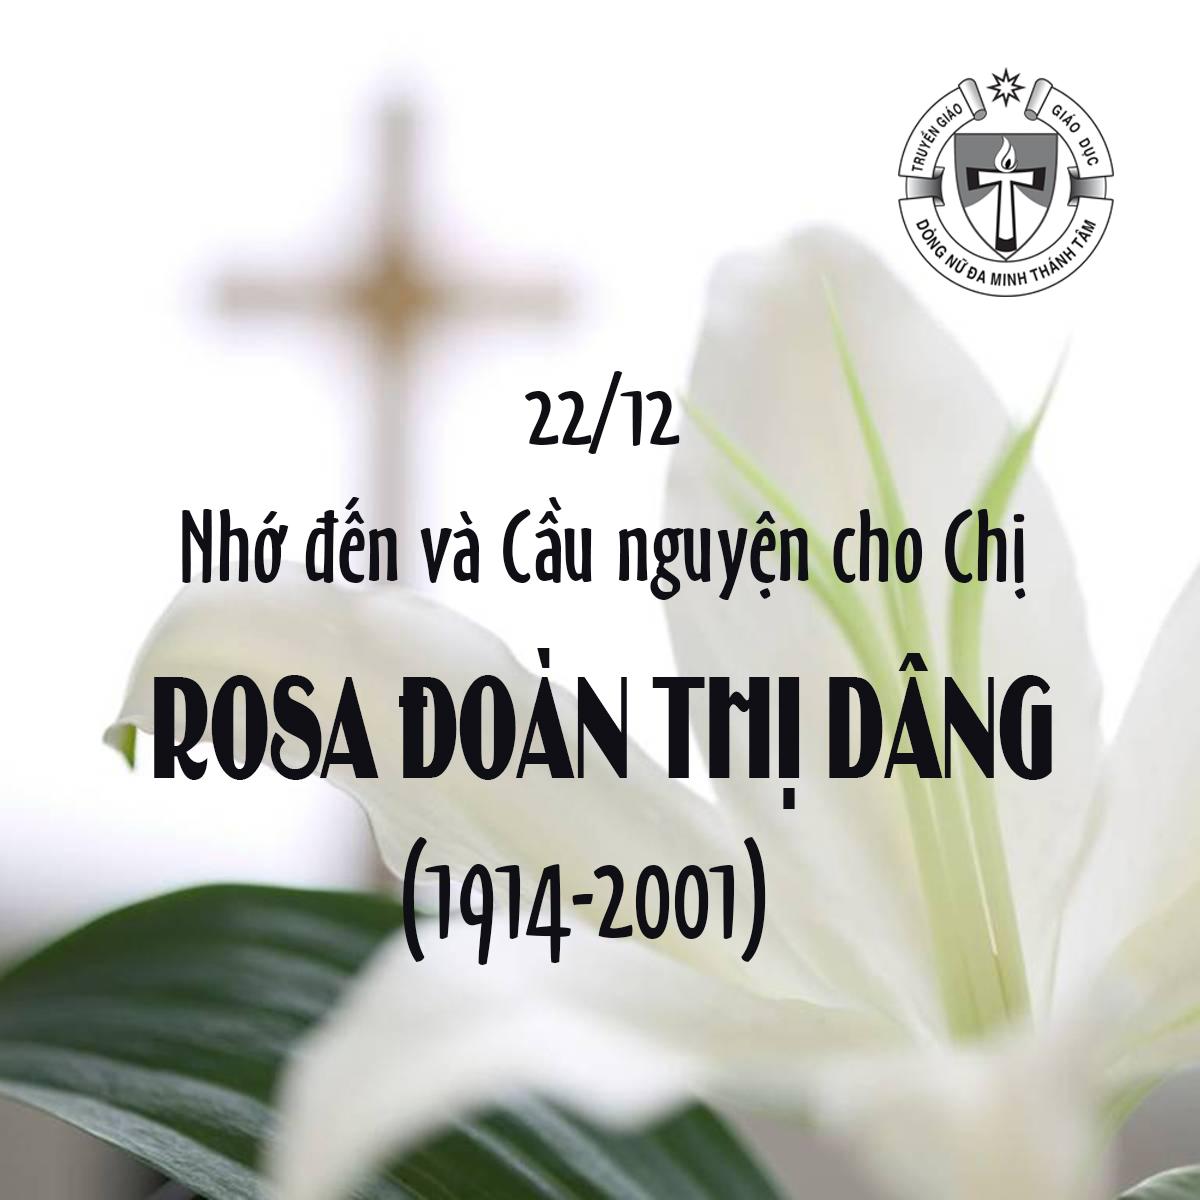 22/12: Giỗ CHỊ ROSA ĐOÀN THỊ DÂNG (1914-2001)